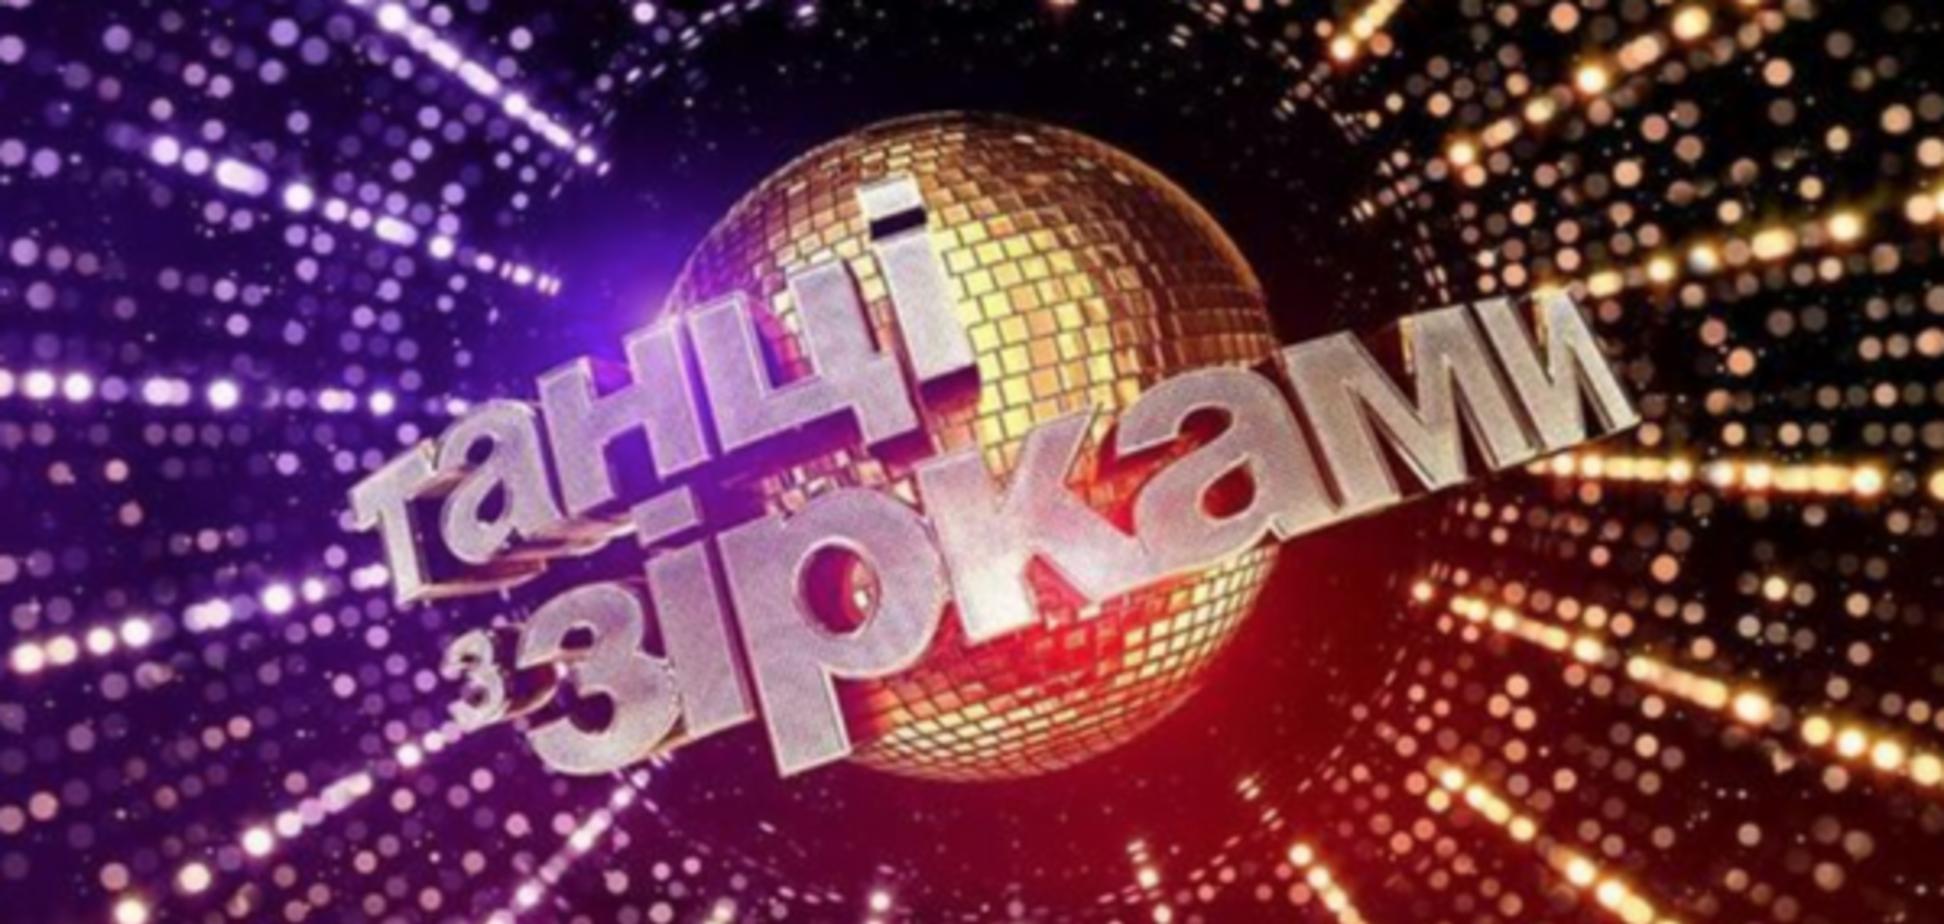 Представлено всіх учасників нового сезону 'Танців з зірками': хто вони